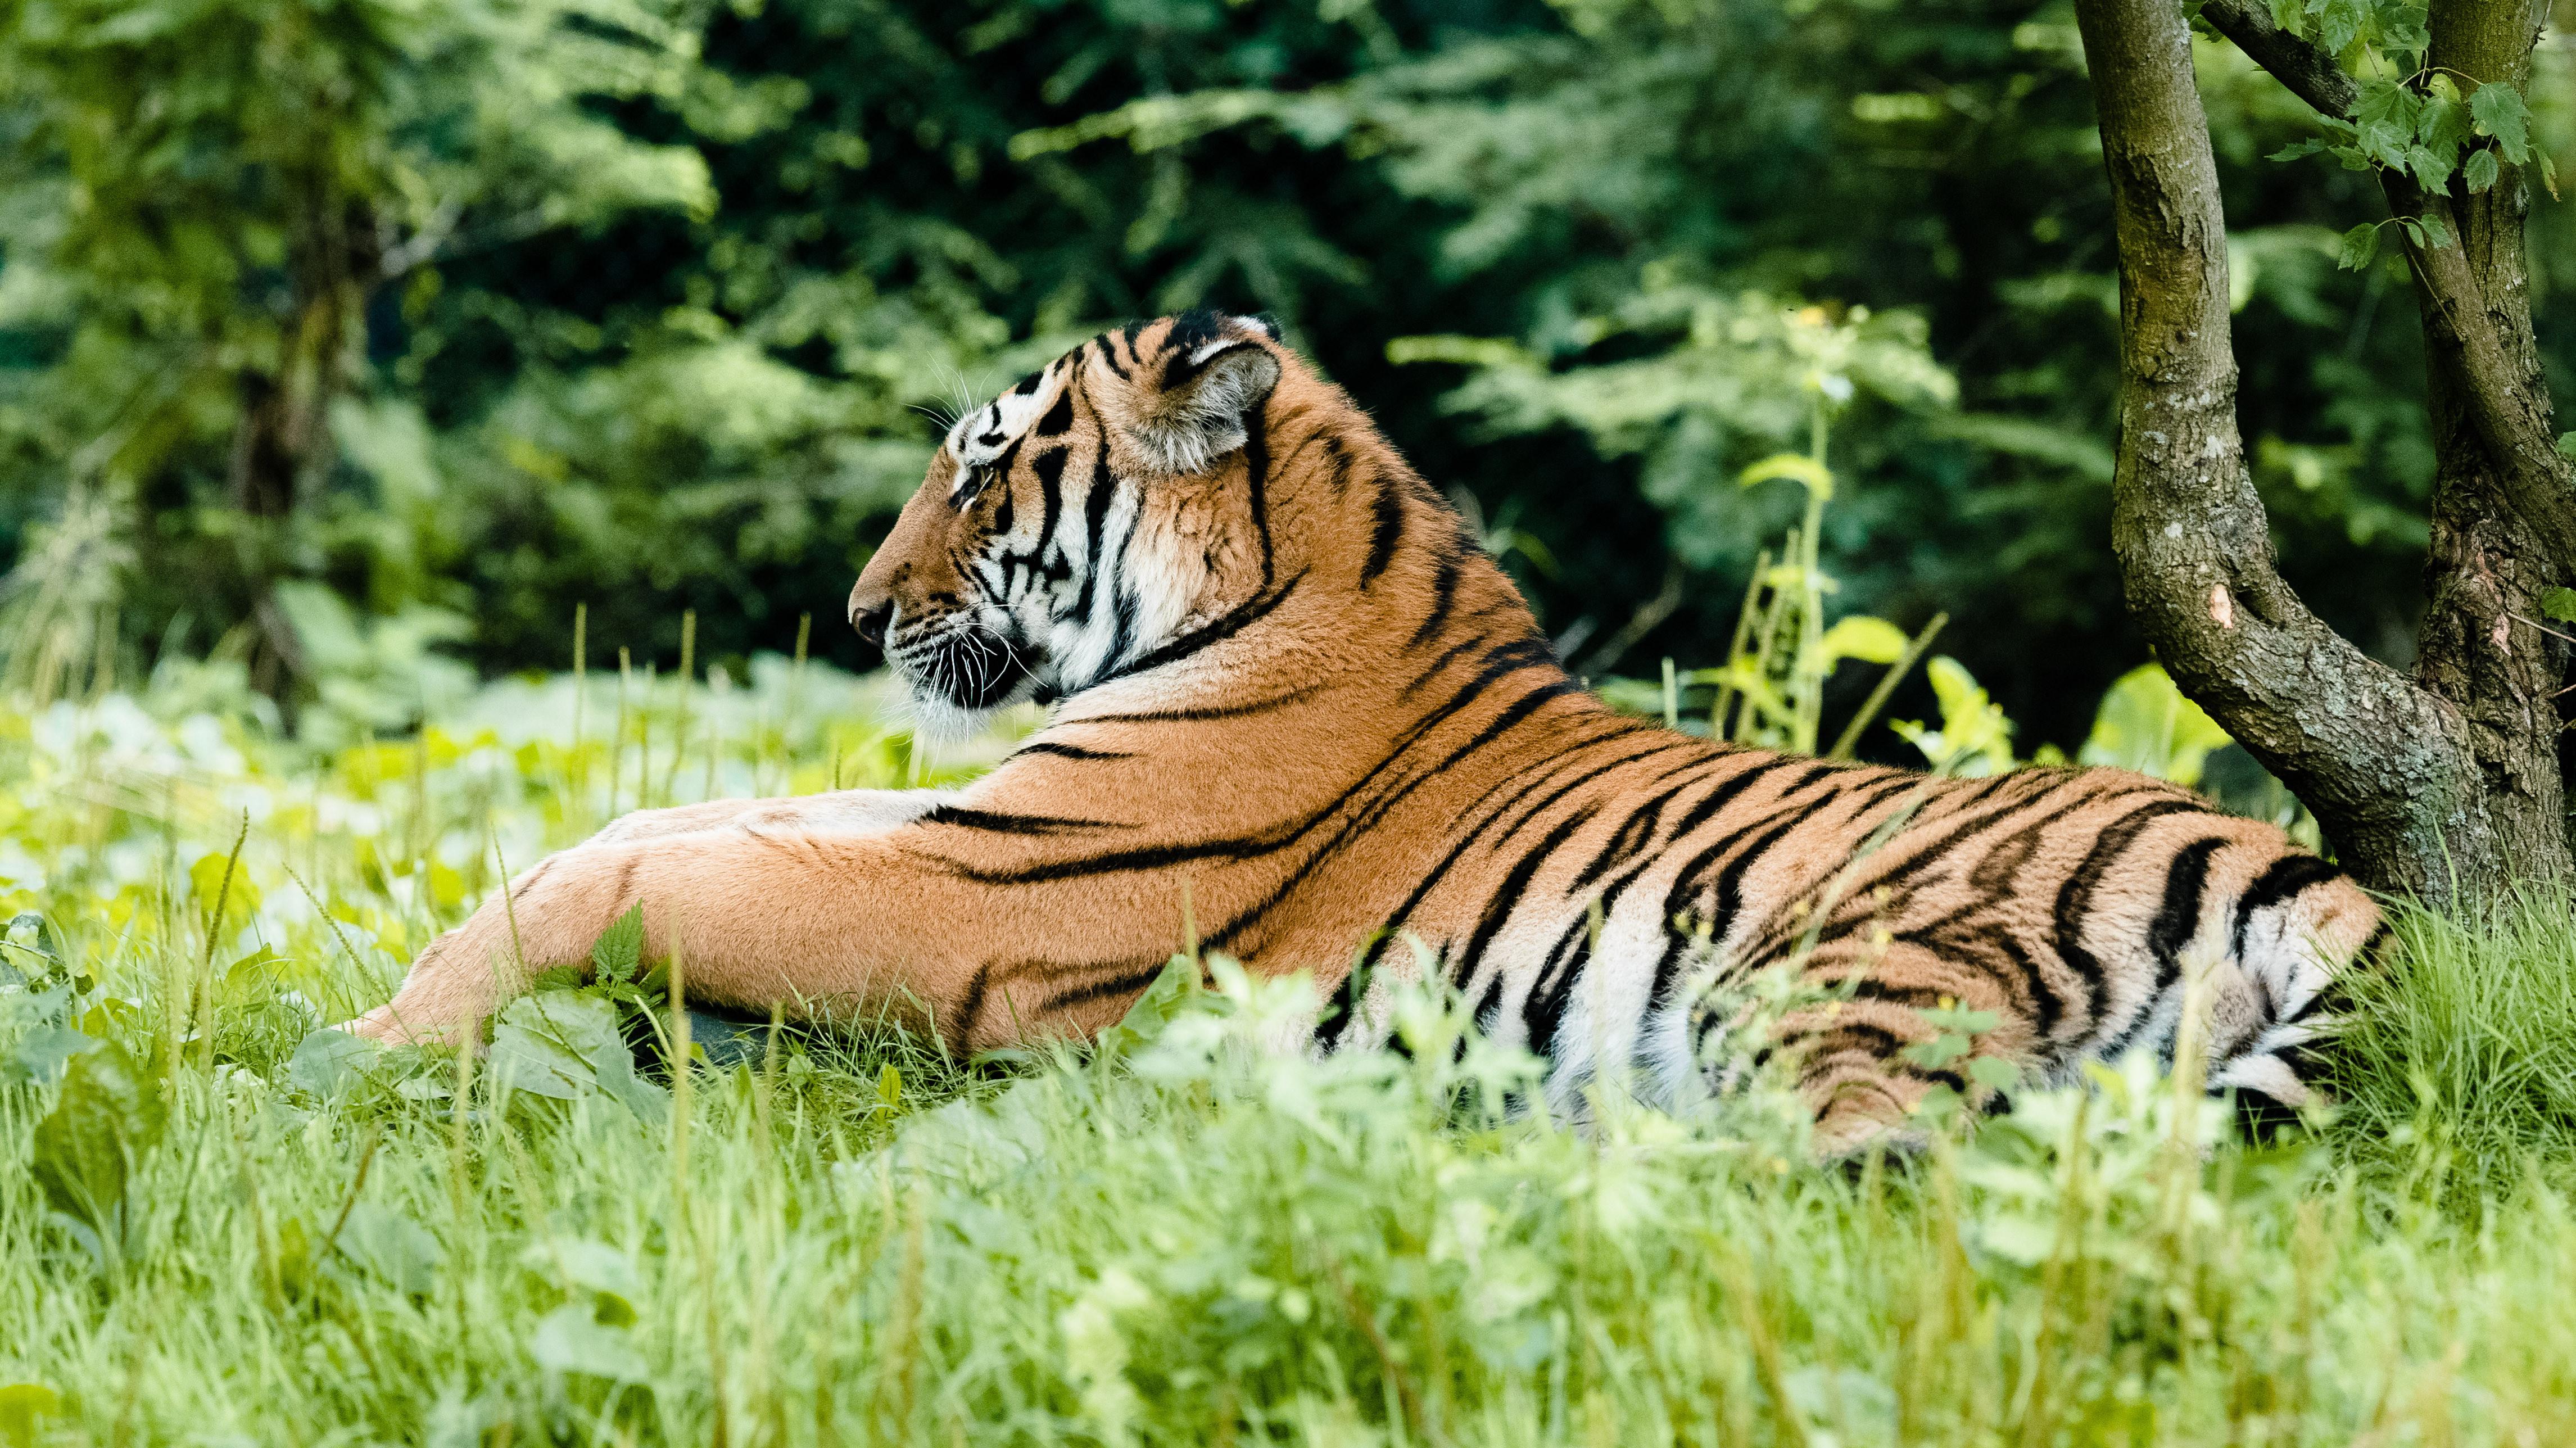 饲主弃养毛小孩!害流浪宠物安乐死 动物园:不如捐给老虎吃掉